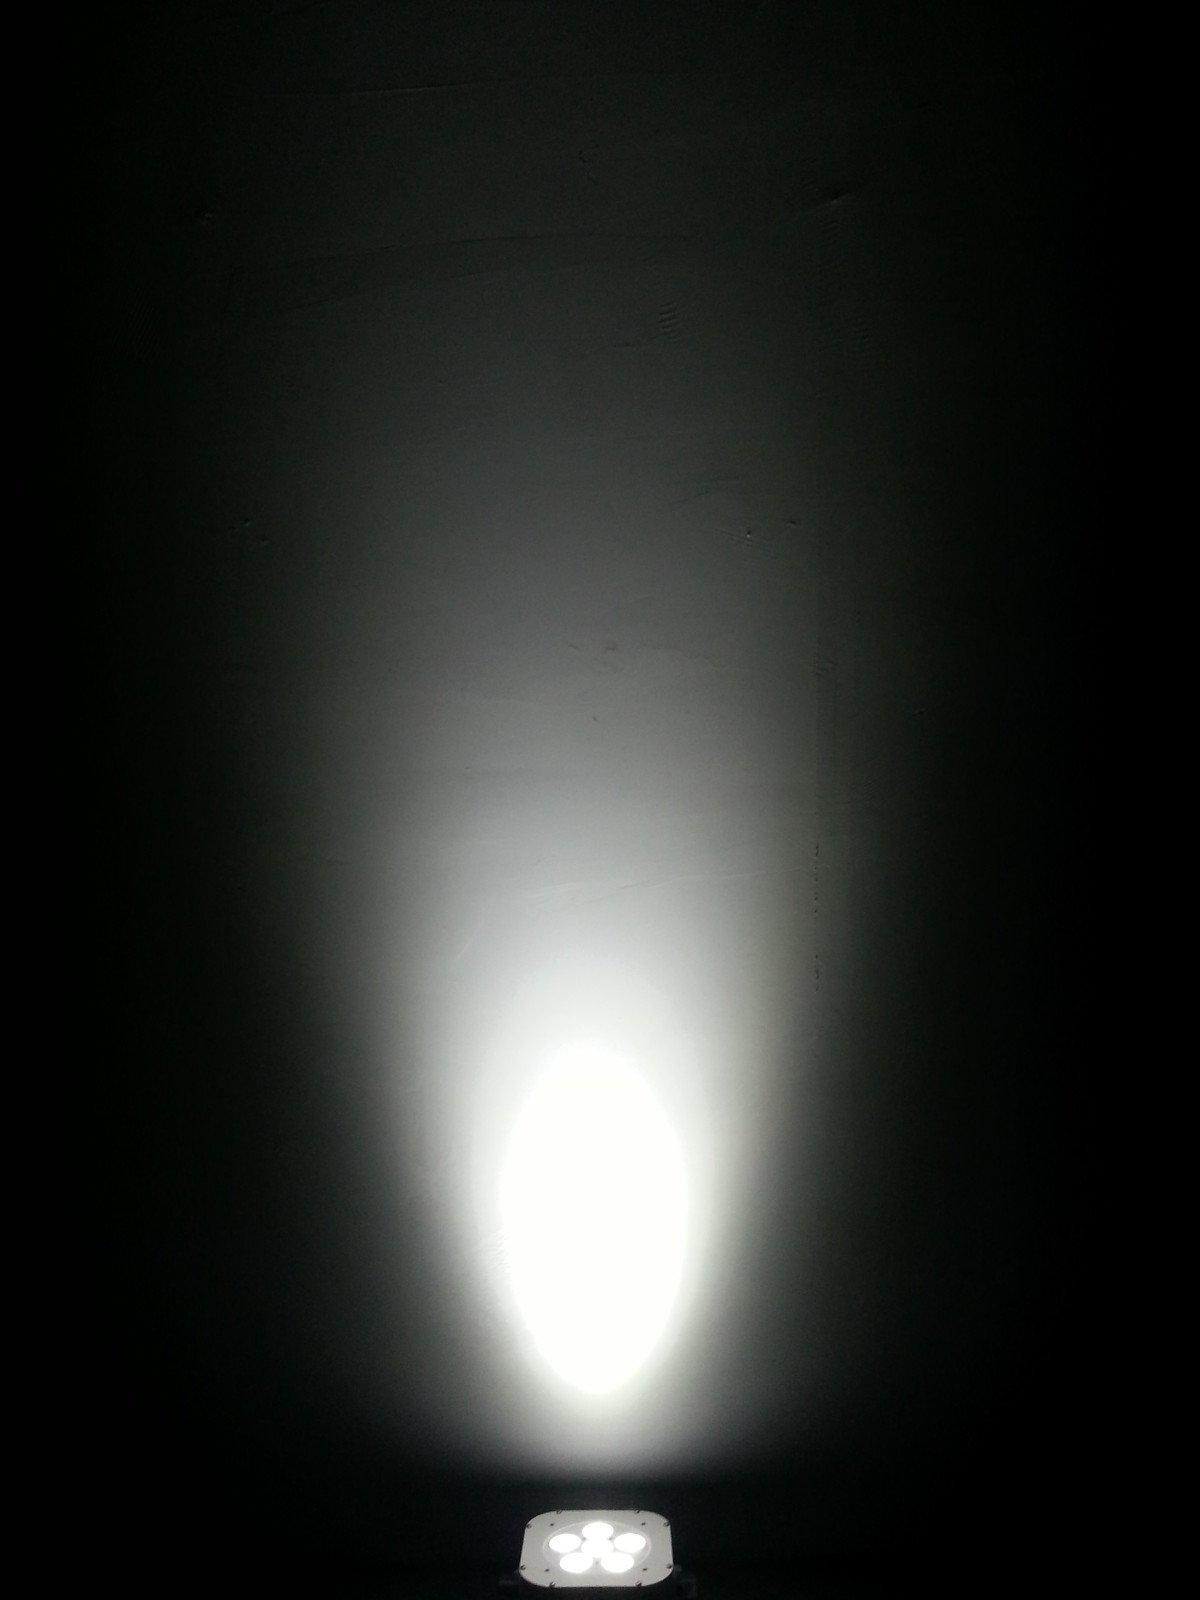 4in1 flat 4par OEM led par lights Marslite